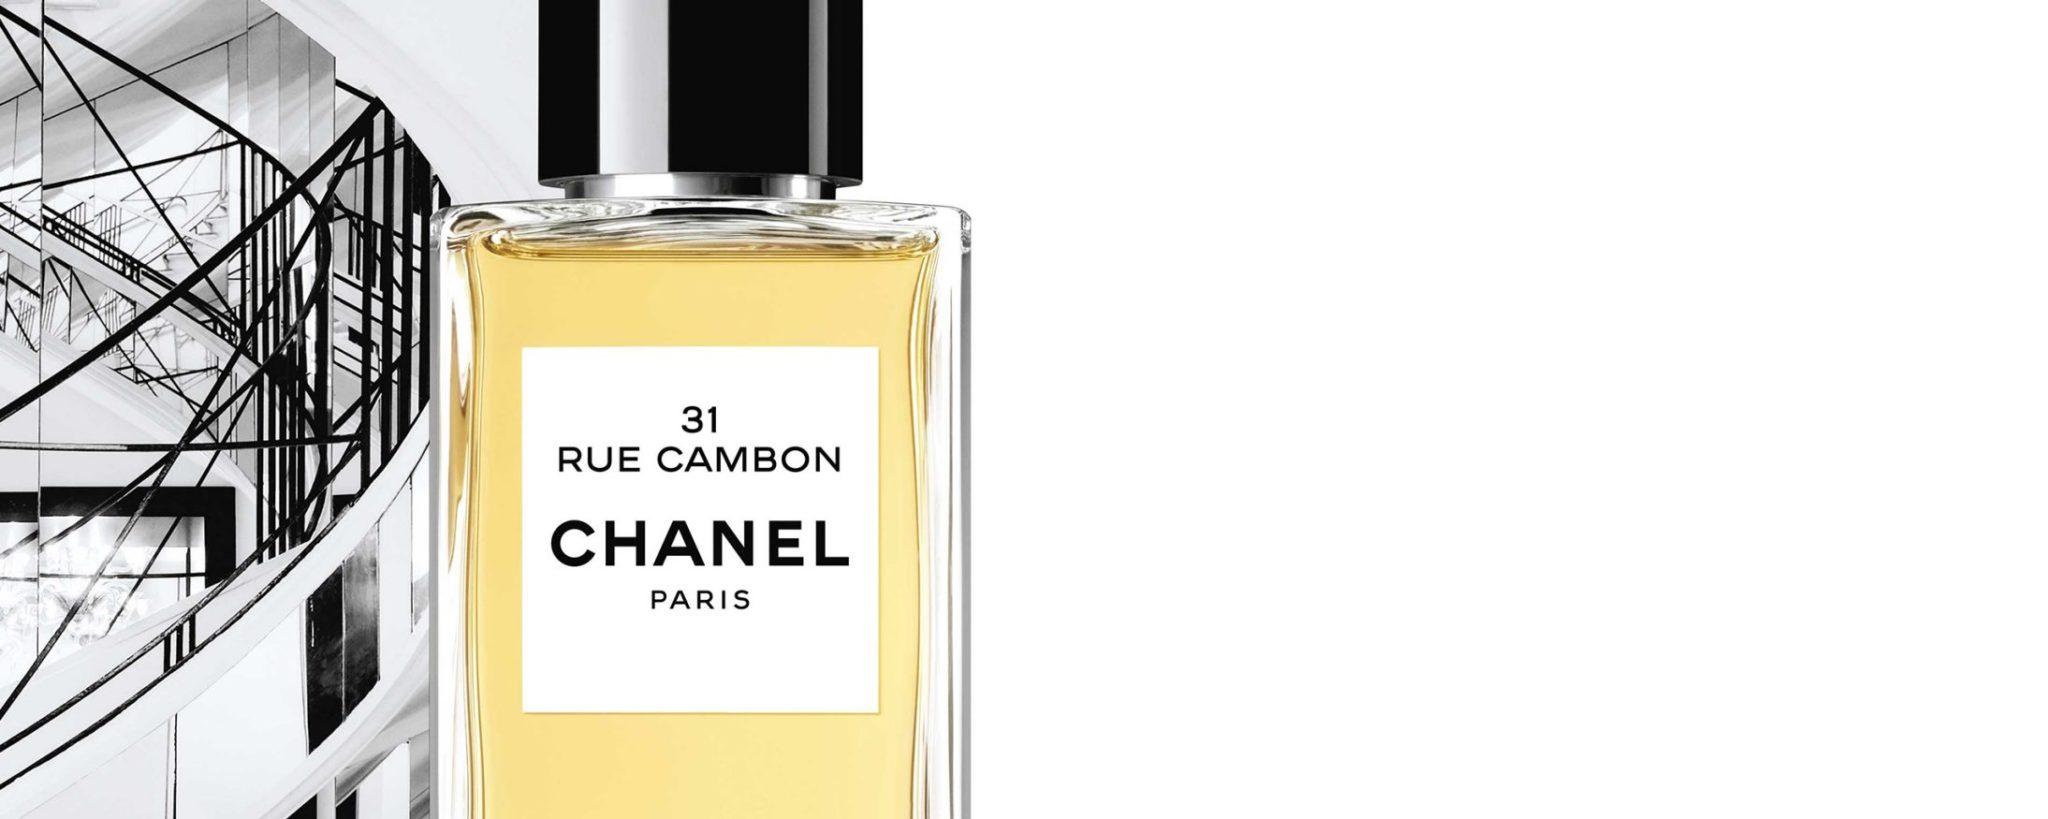 Chanel Les Exclusifs 31 rue Cambon eau de parfum Esprit de Gabrielle jeronimodiparigi-dev-esprit-de-gabrielle.pf1.wpserveur.net